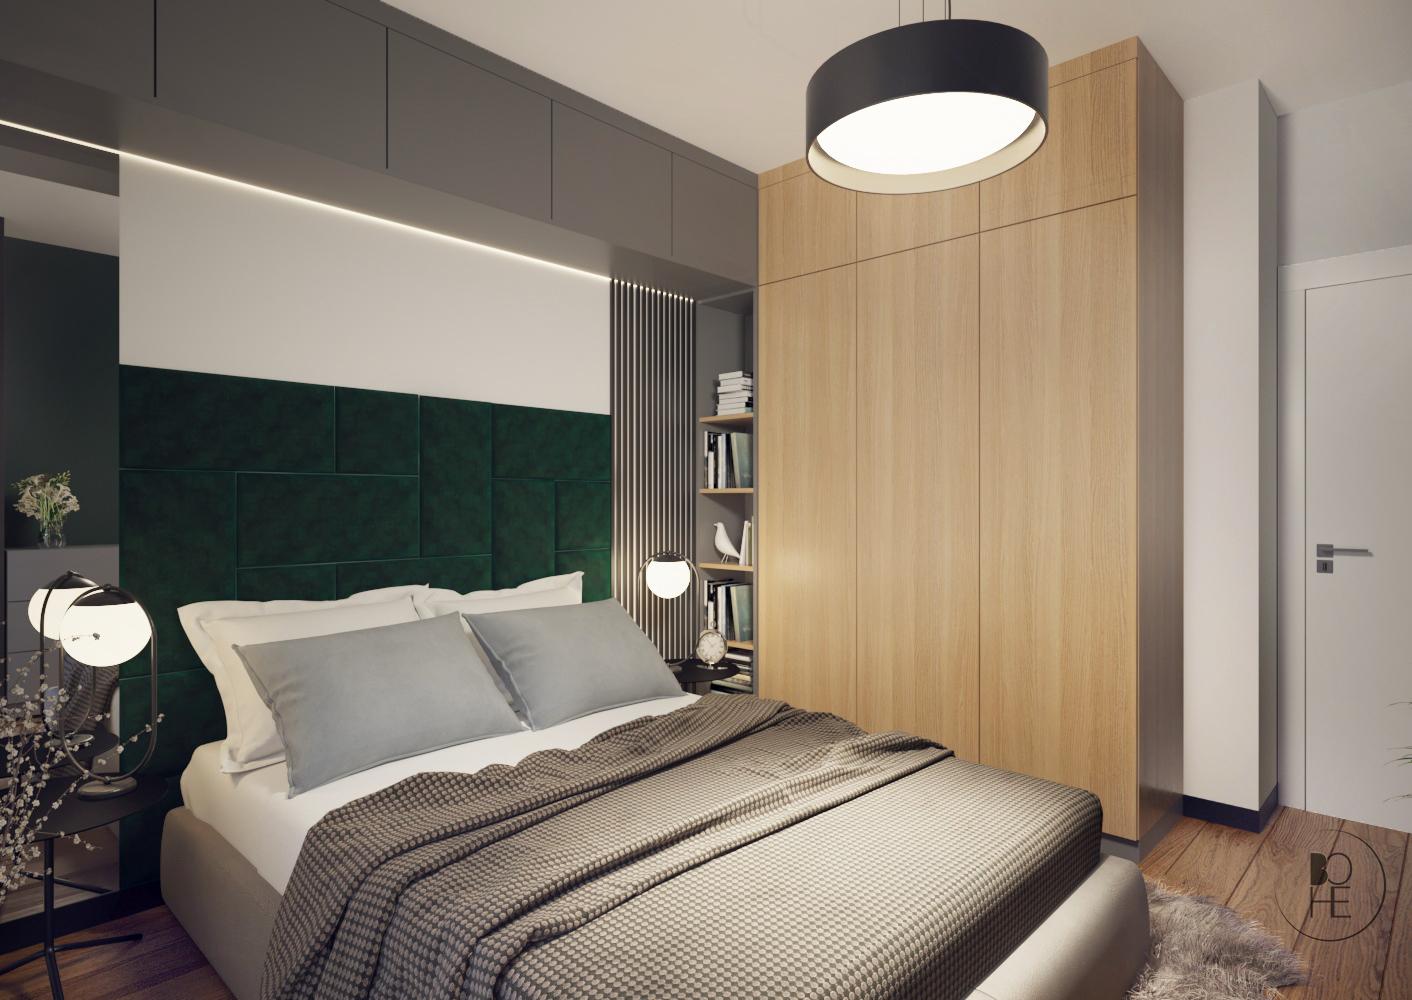 biuro projektowe Łódź projekt wnętrza sypialni z szarą i drewnopodobną zabudową